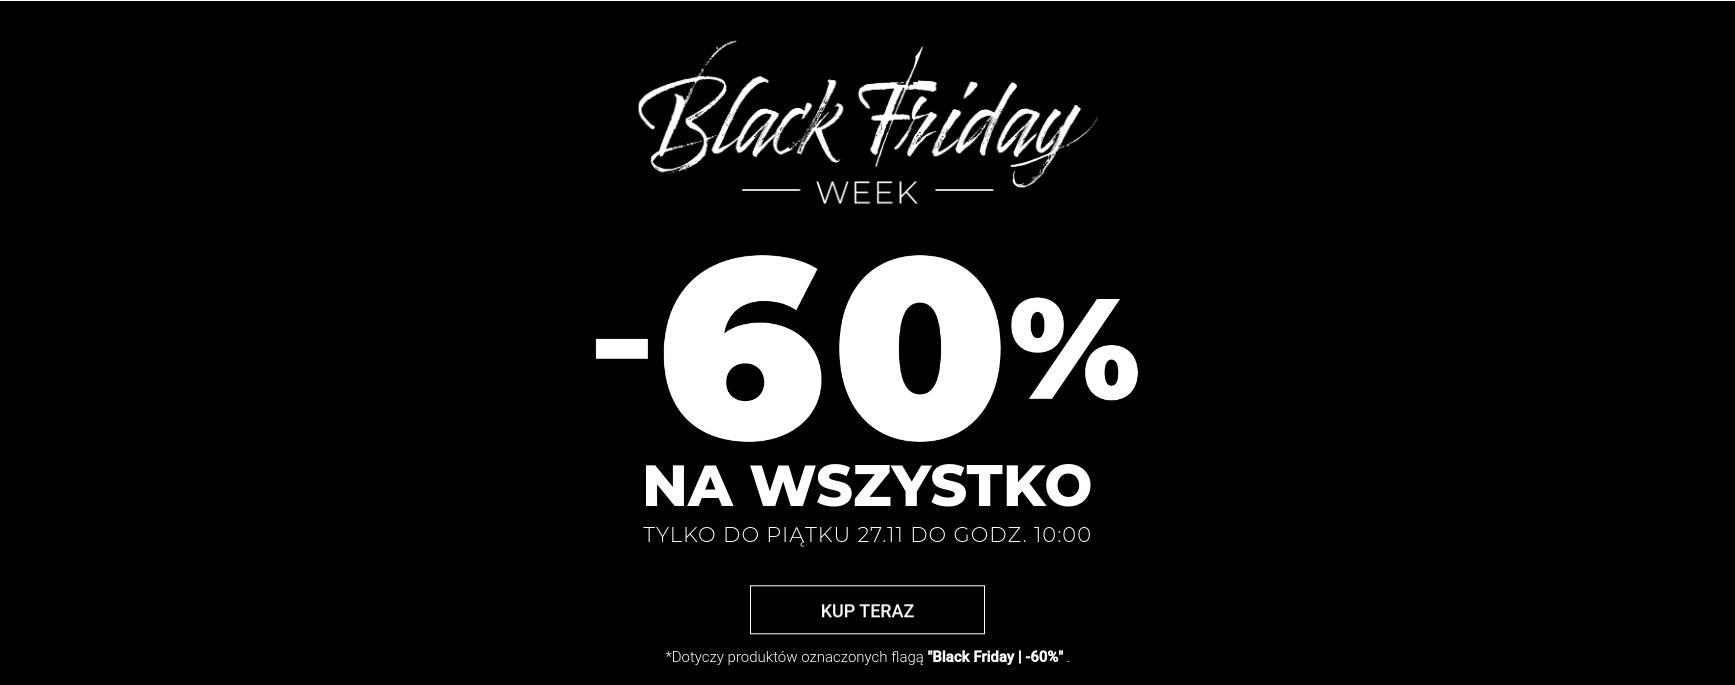 Wólczanka: Black Friday Week 60% zniżki na odzież męską